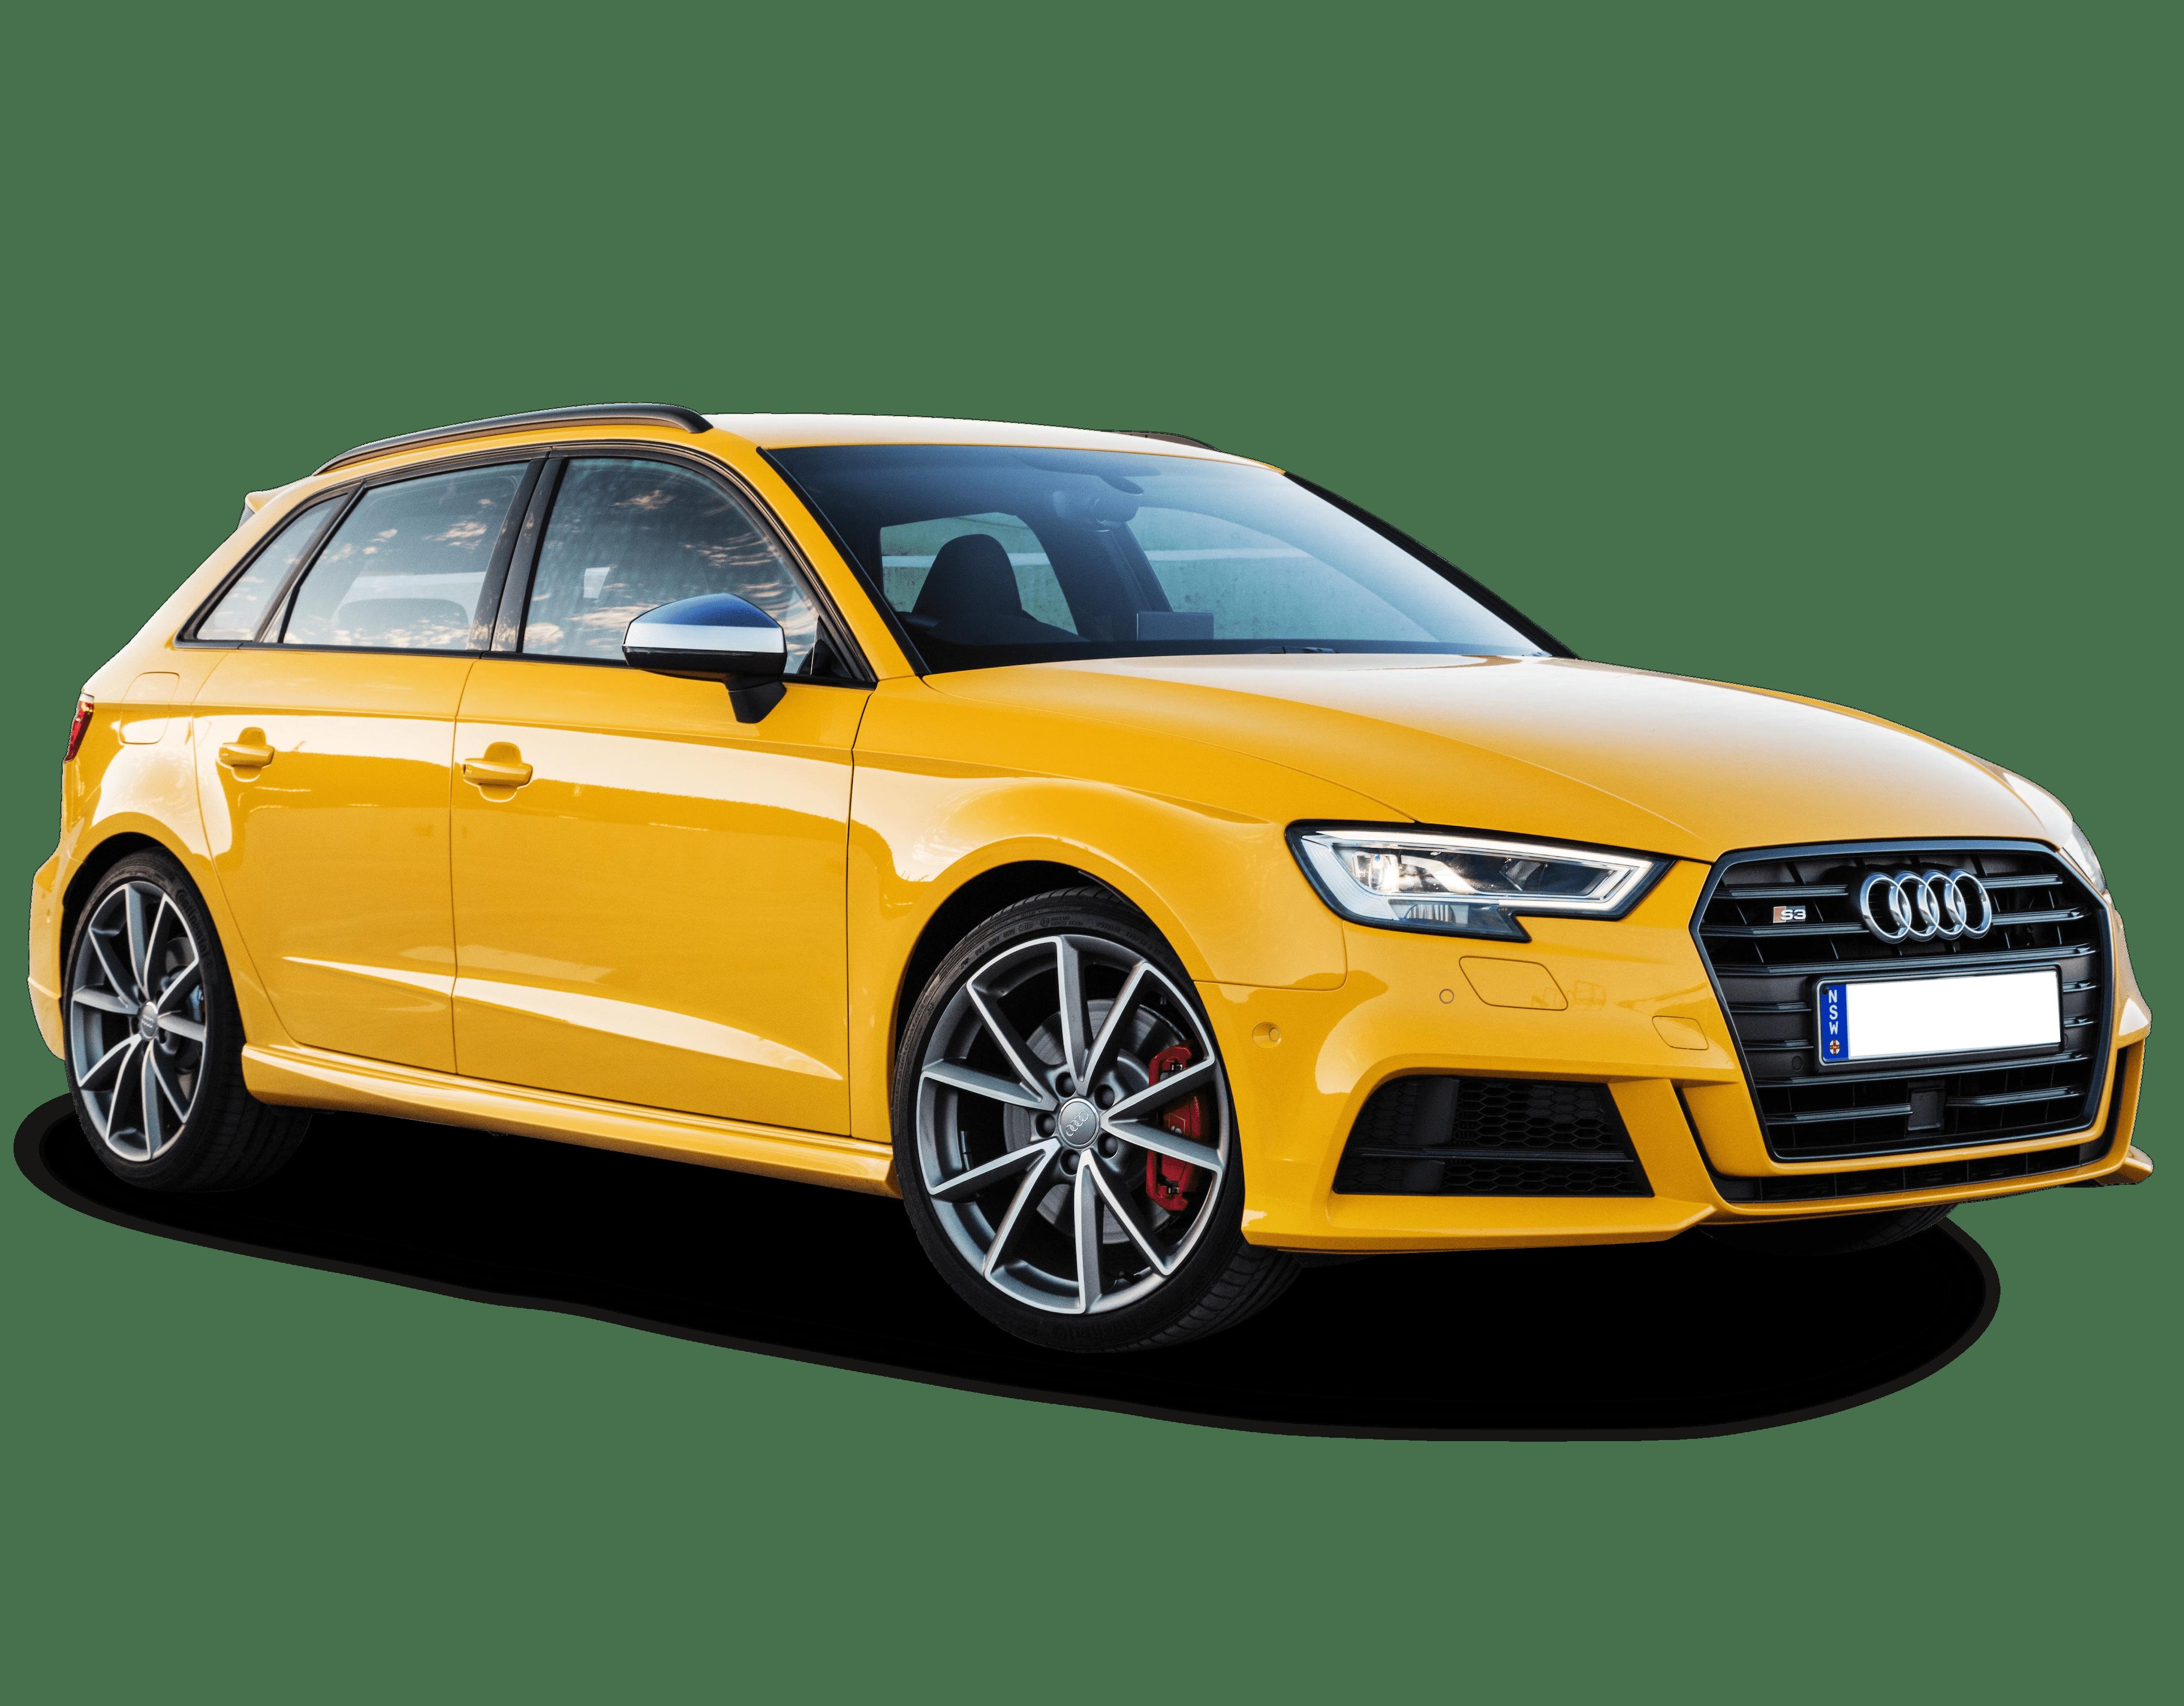 Kelebihan Kekurangan Audi S3 2004 Spesifikasi